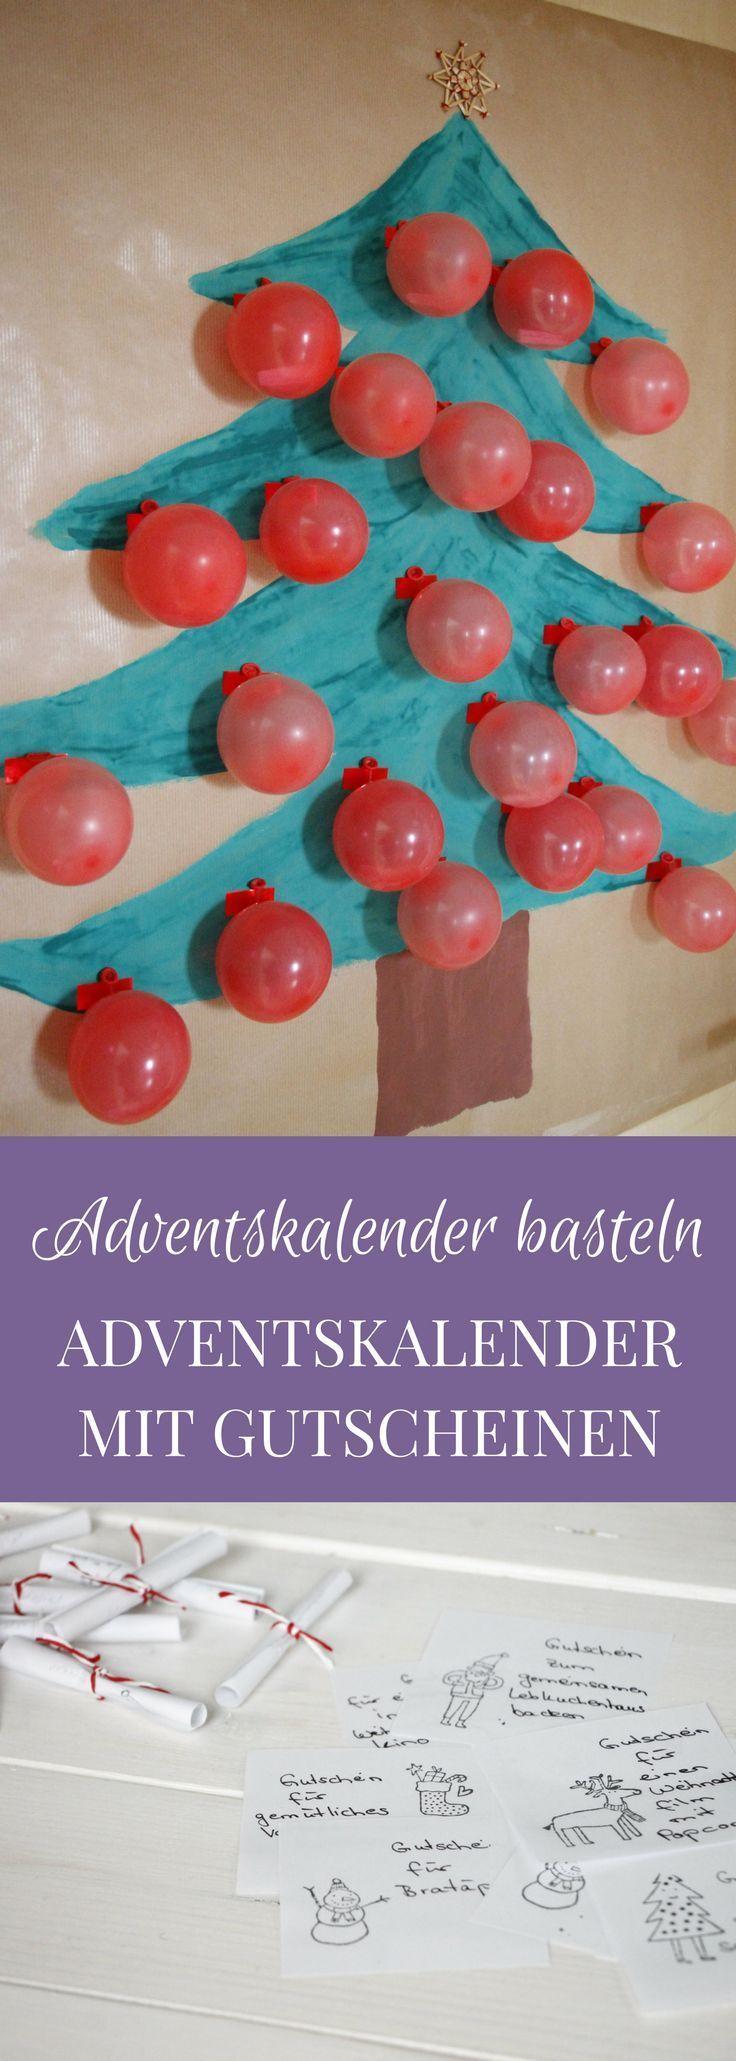 adventskalender basteln ideen f r einen weihnachtsbaum adventskalender mit luftballons. Black Bedroom Furniture Sets. Home Design Ideas